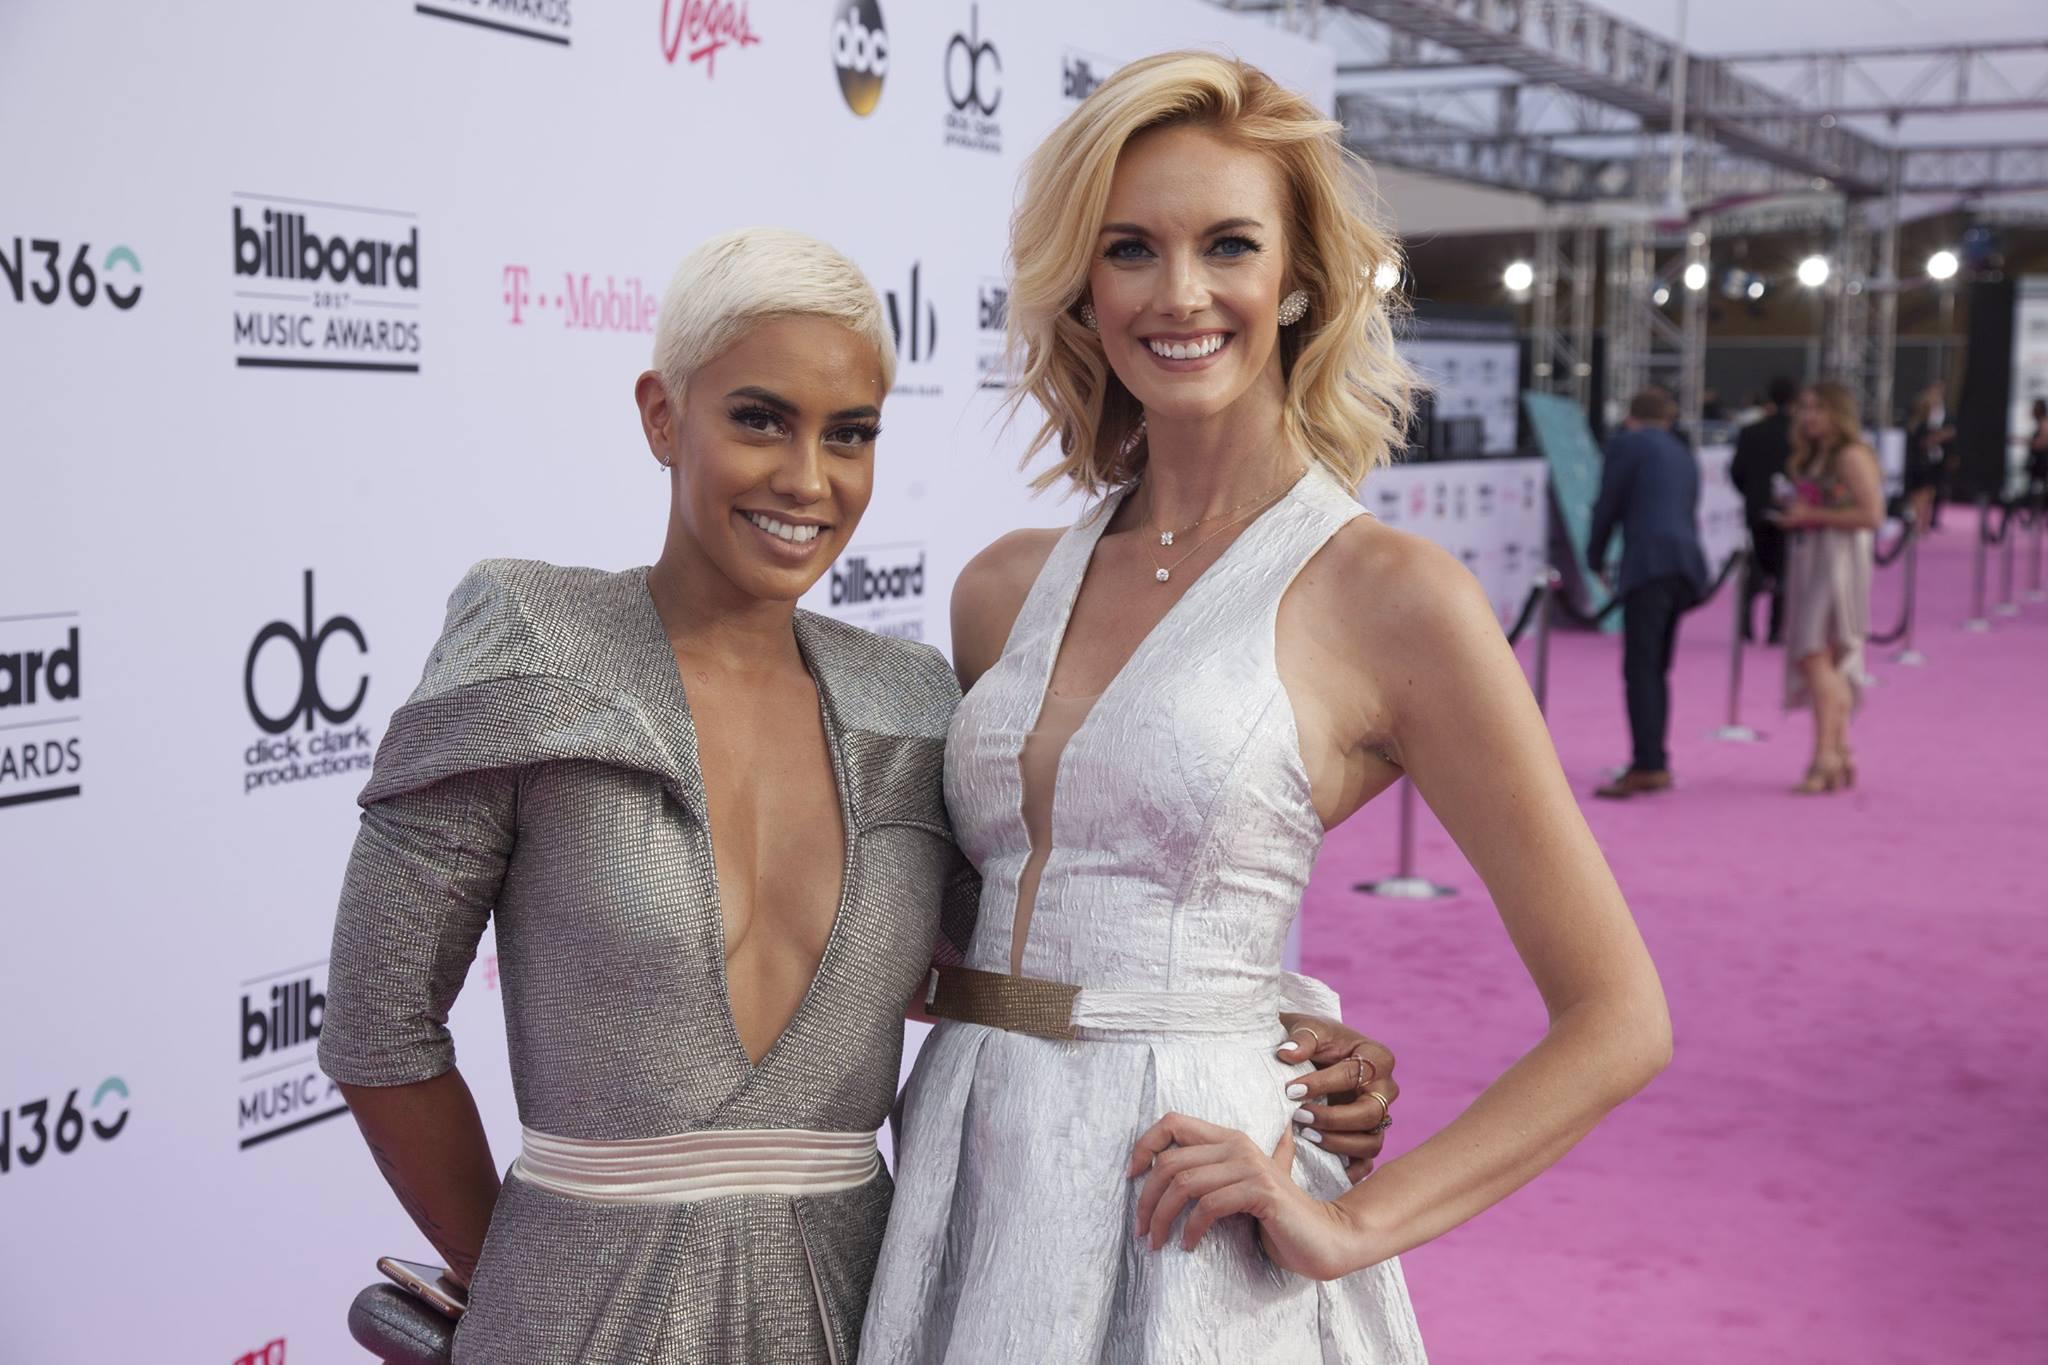 DLXVRSN-Media-Billboard-Music-Awards10